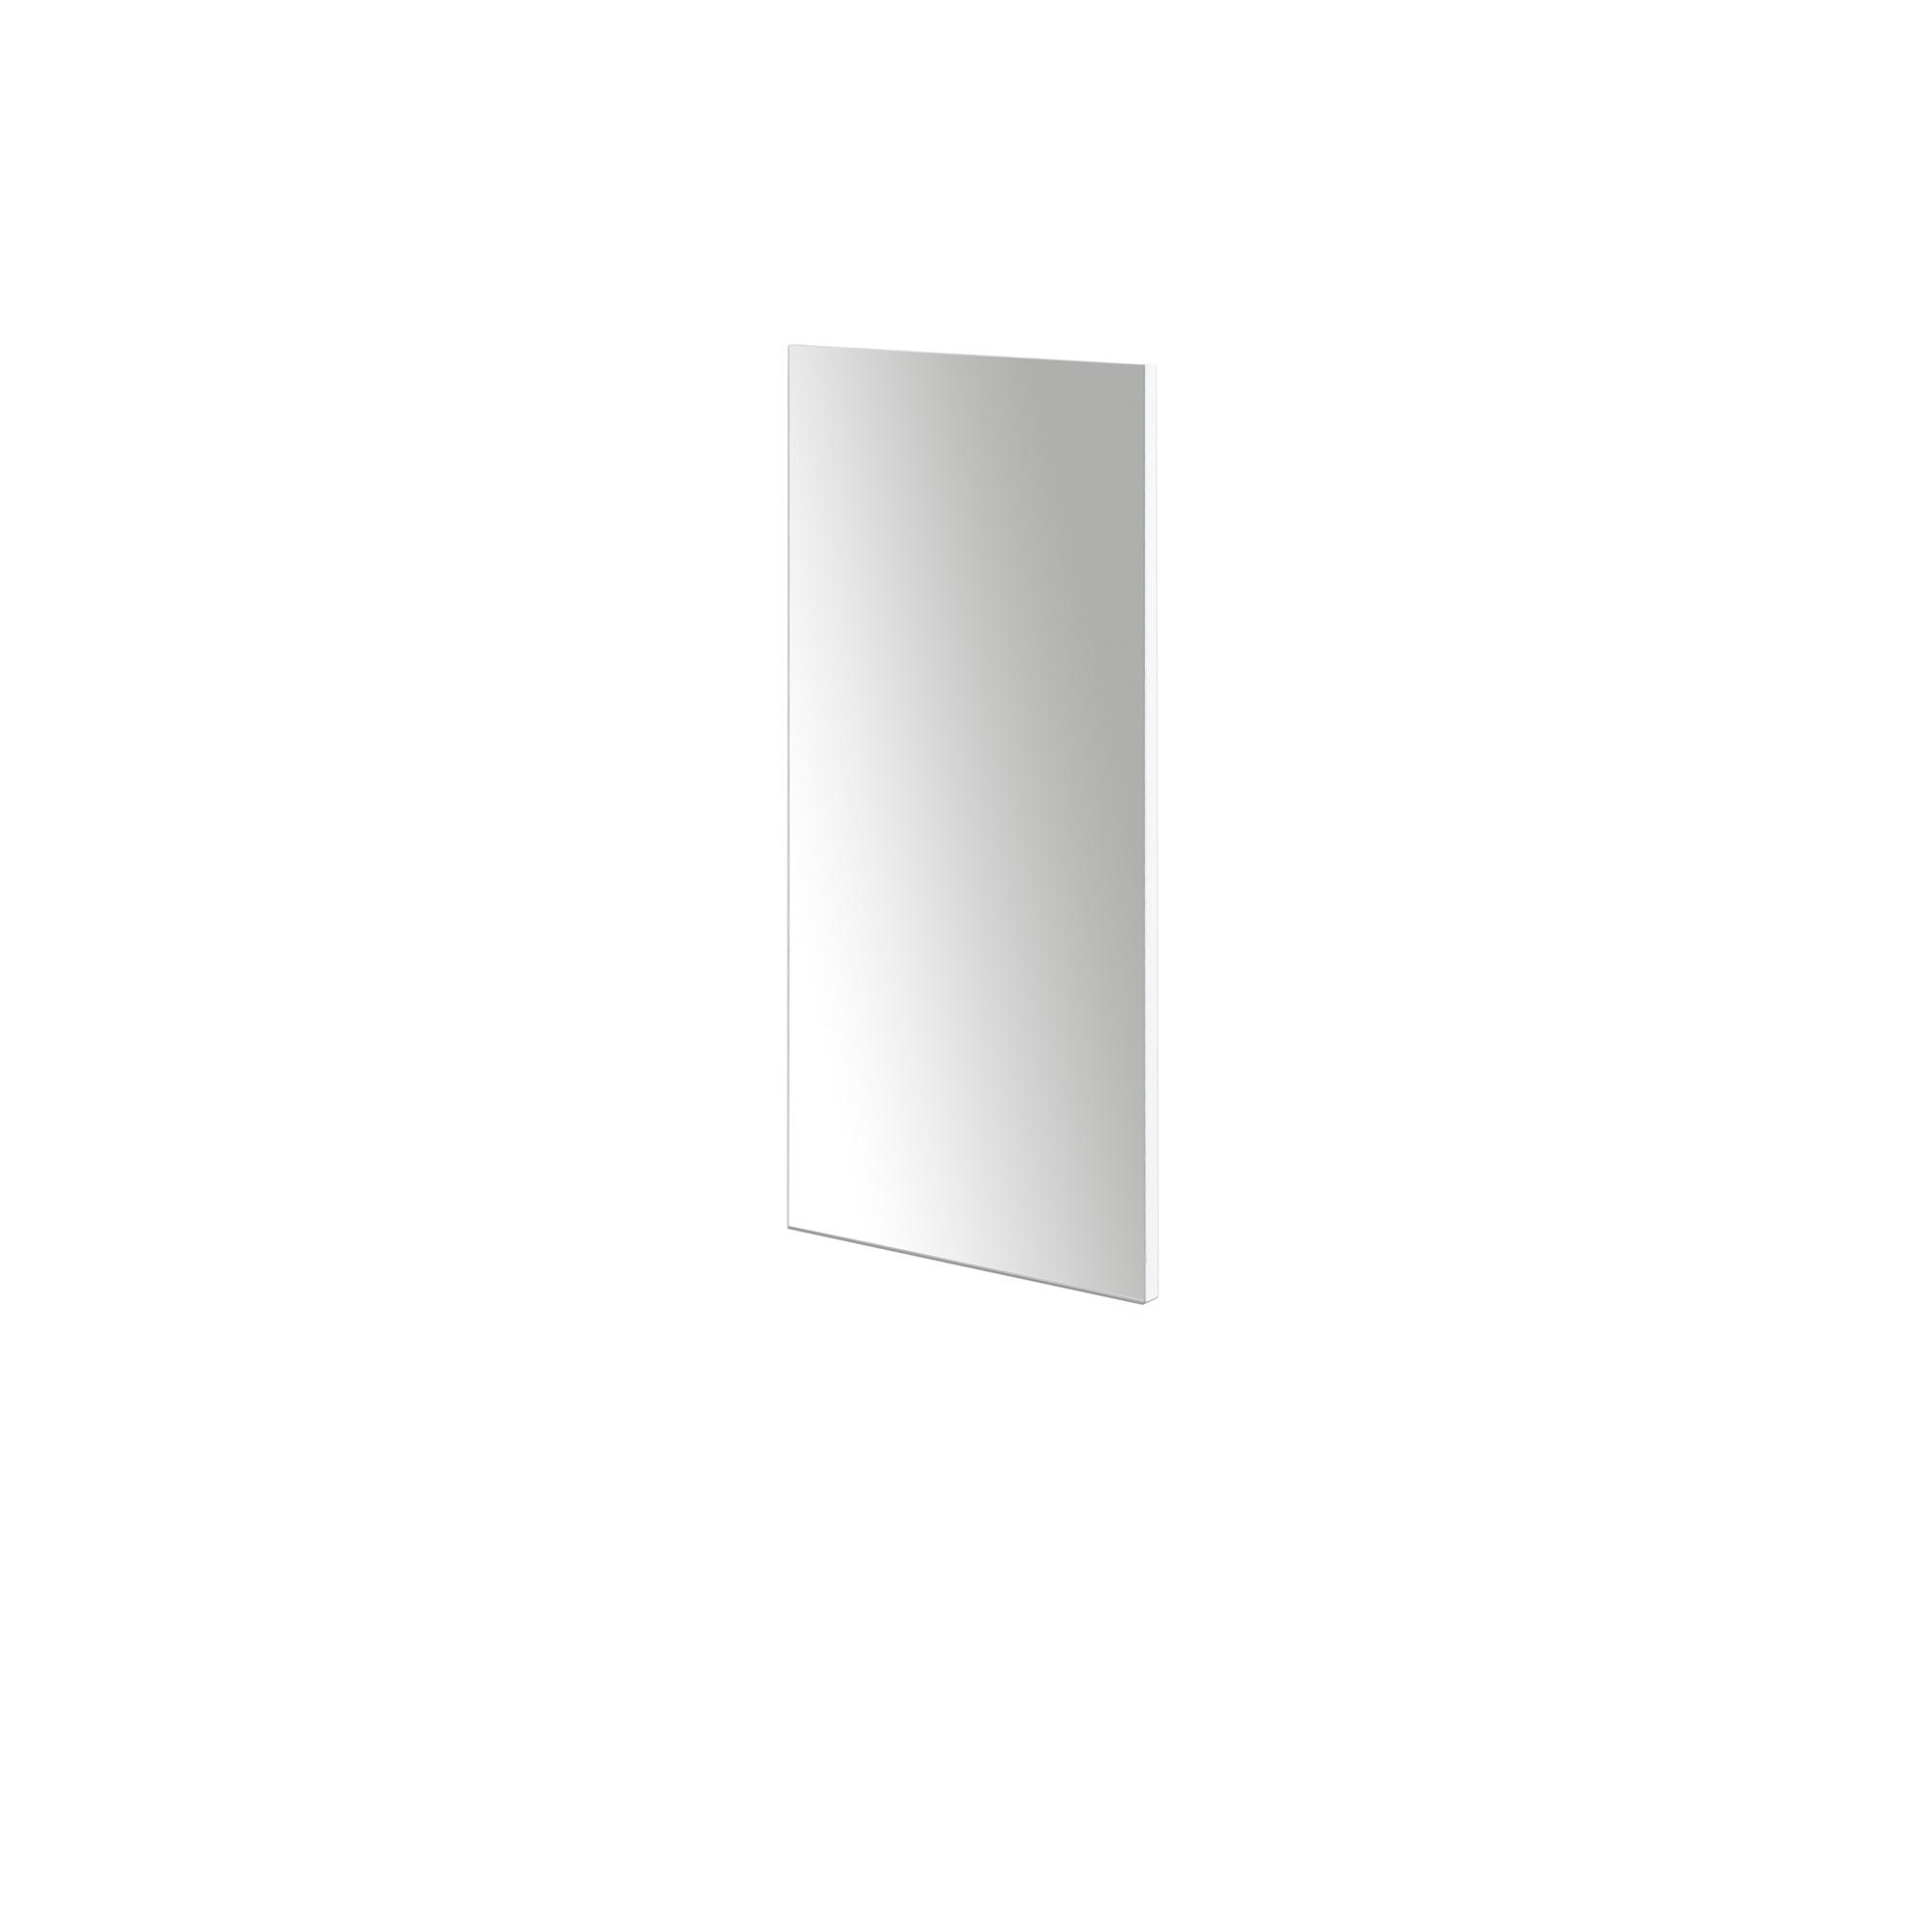 spiegel mia 33 x 71 cm vollfl chig verspiegelt wei wohnen spiegel. Black Bedroom Furniture Sets. Home Design Ideas